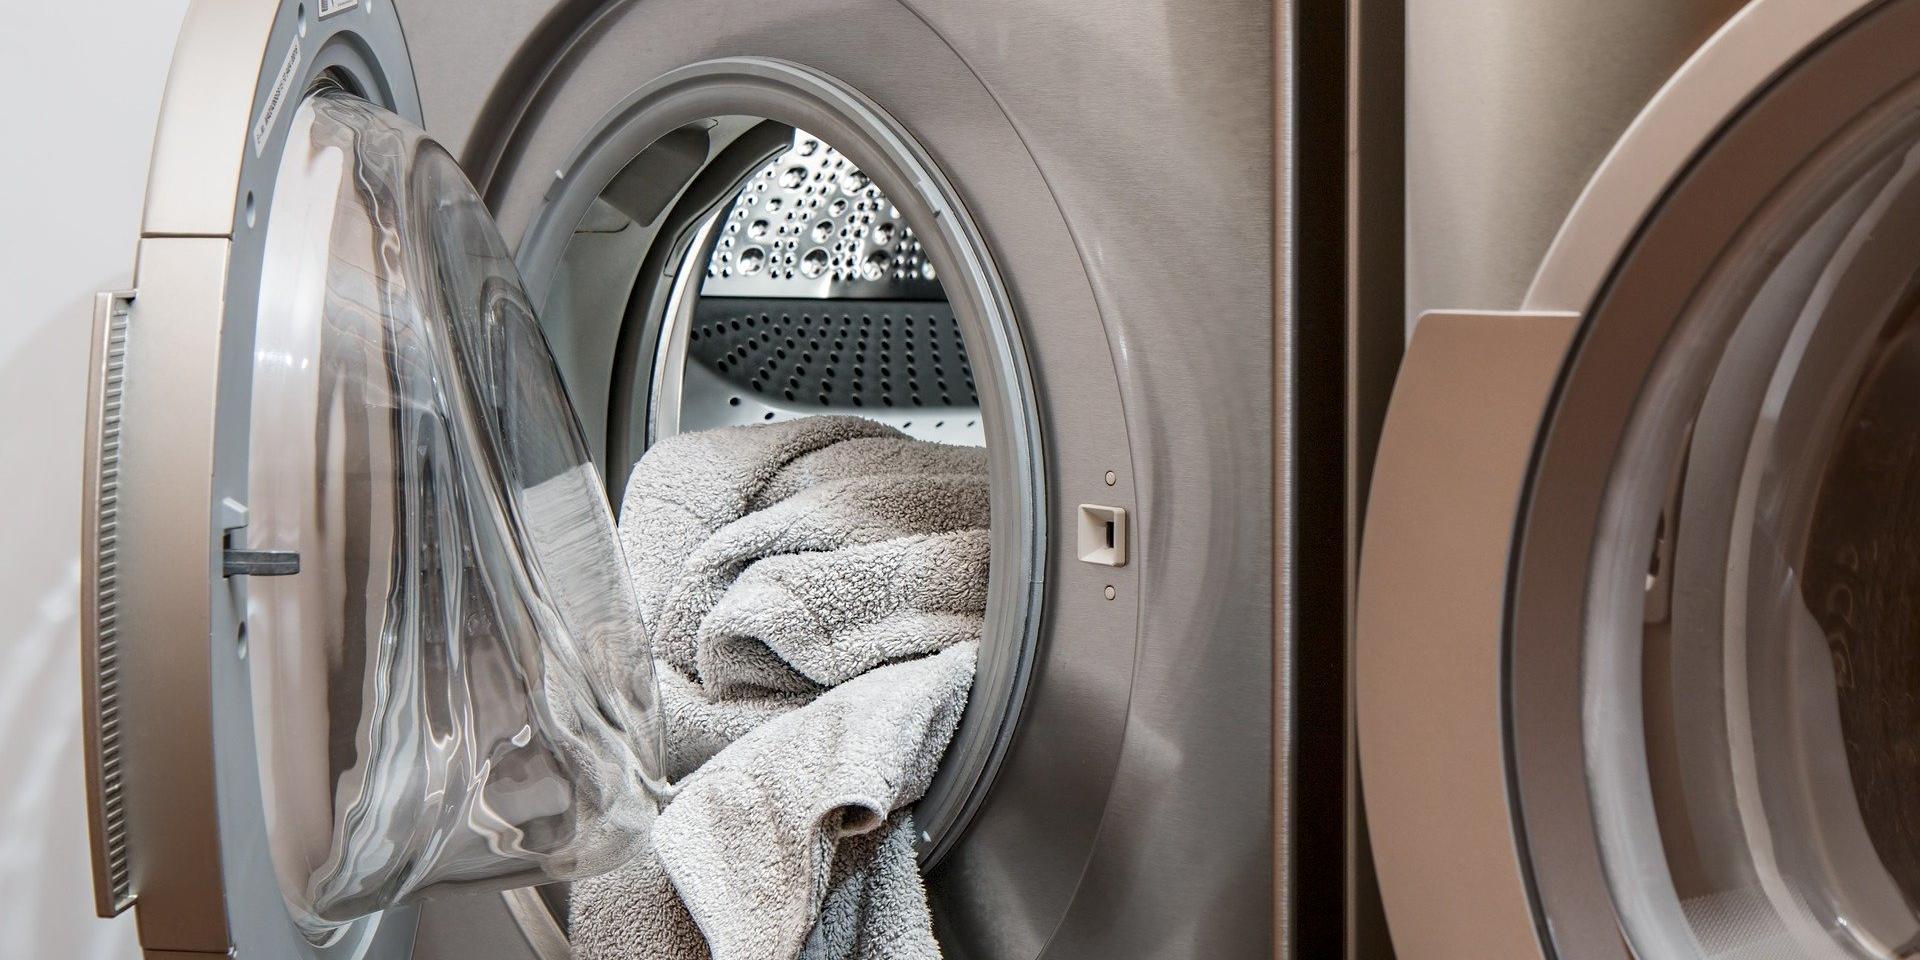 Filtres anti-plastiques dans les lave-linges: une nécessité écologique, un défi pour les fabricants